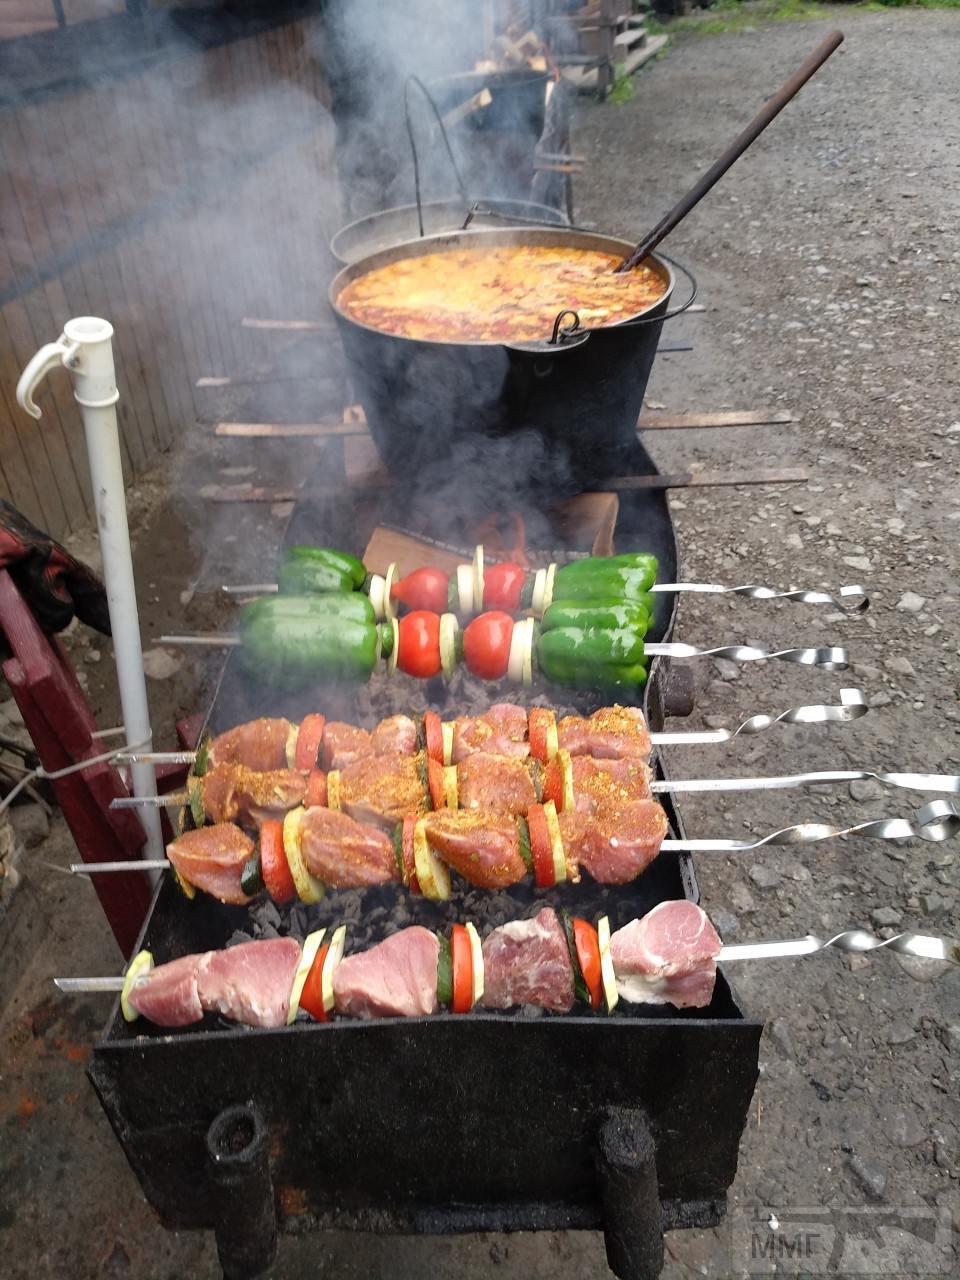 107223 - Закуски на огне (мангал, барбекю и т.д.) и кулинария вообще. Советы и рецепты.